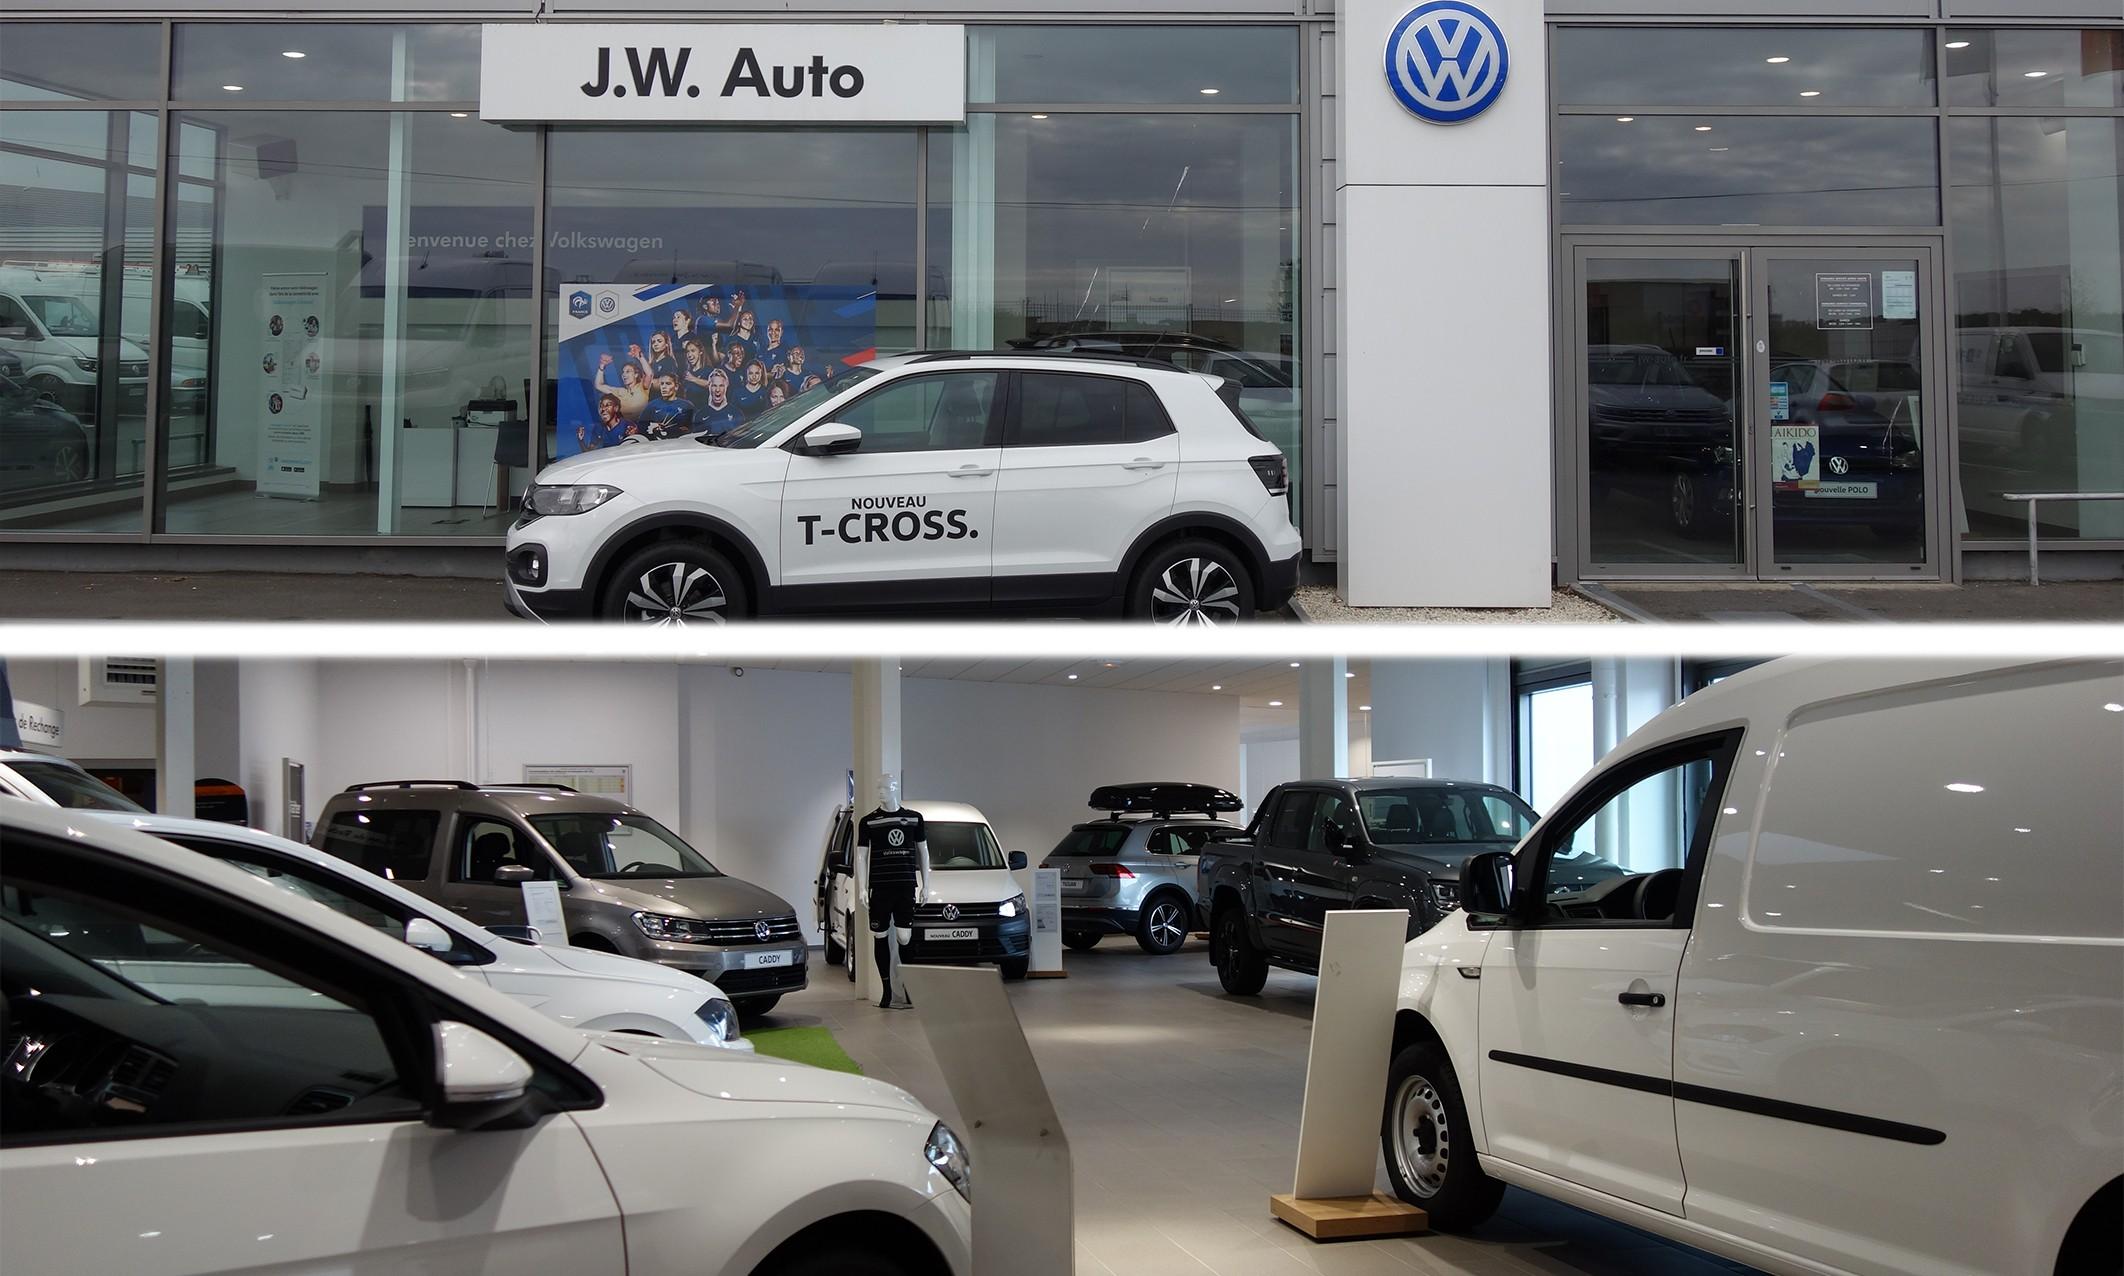 JW Auto Ifs Volkswagen Utilitaires